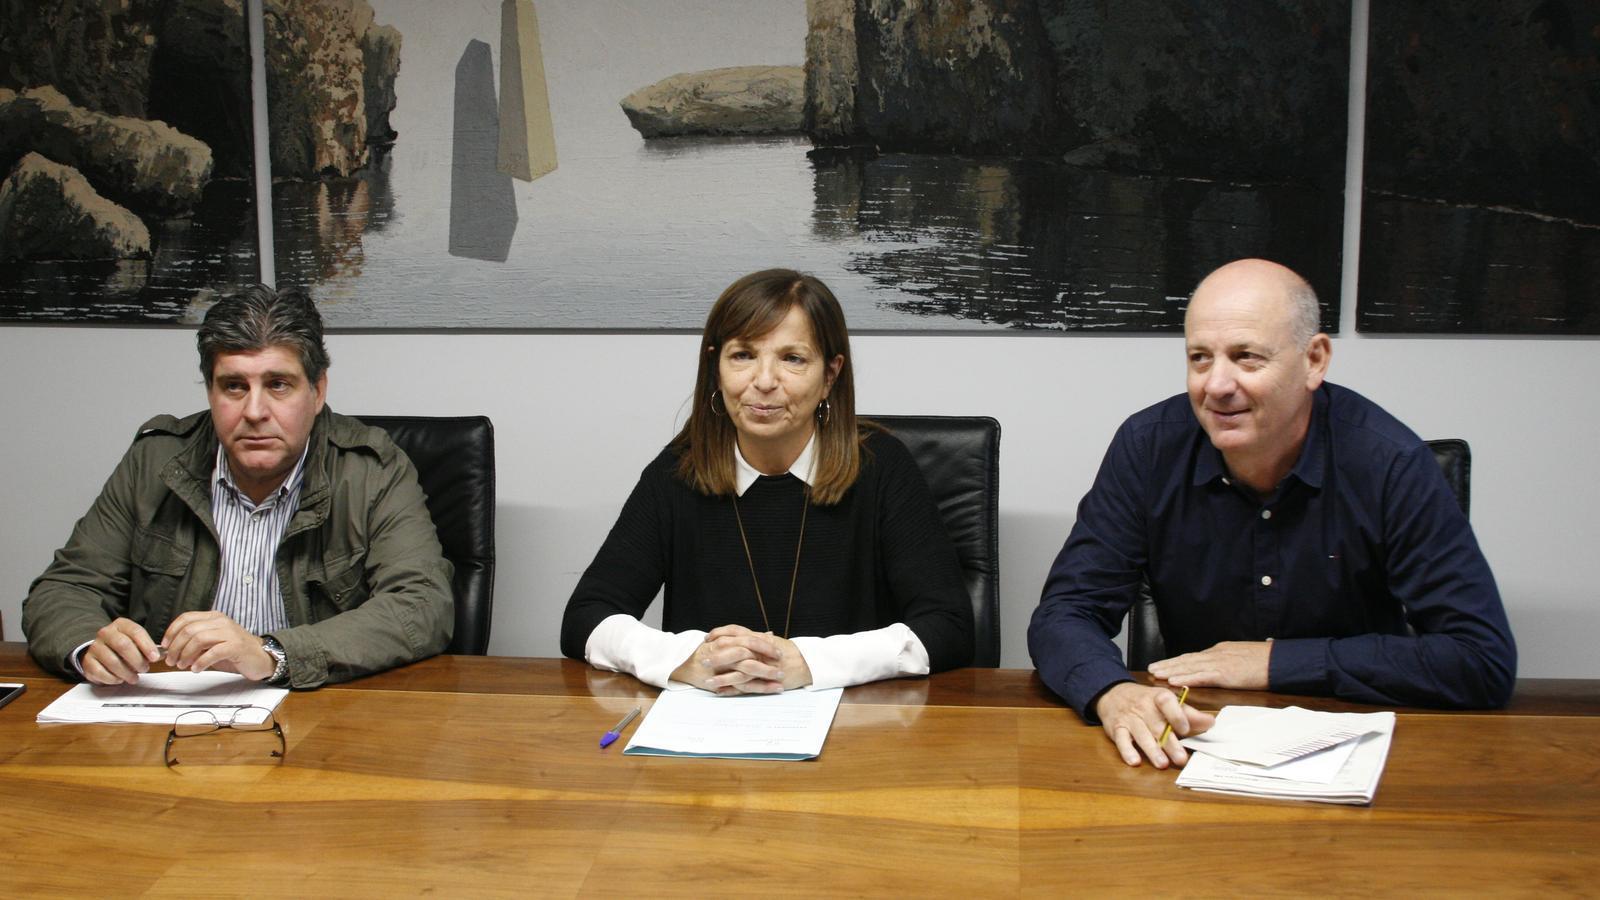 Rosselló, Riera i Gomila, veuen discriminatori cap a Manacor el repartiment de l'ecotaxa.